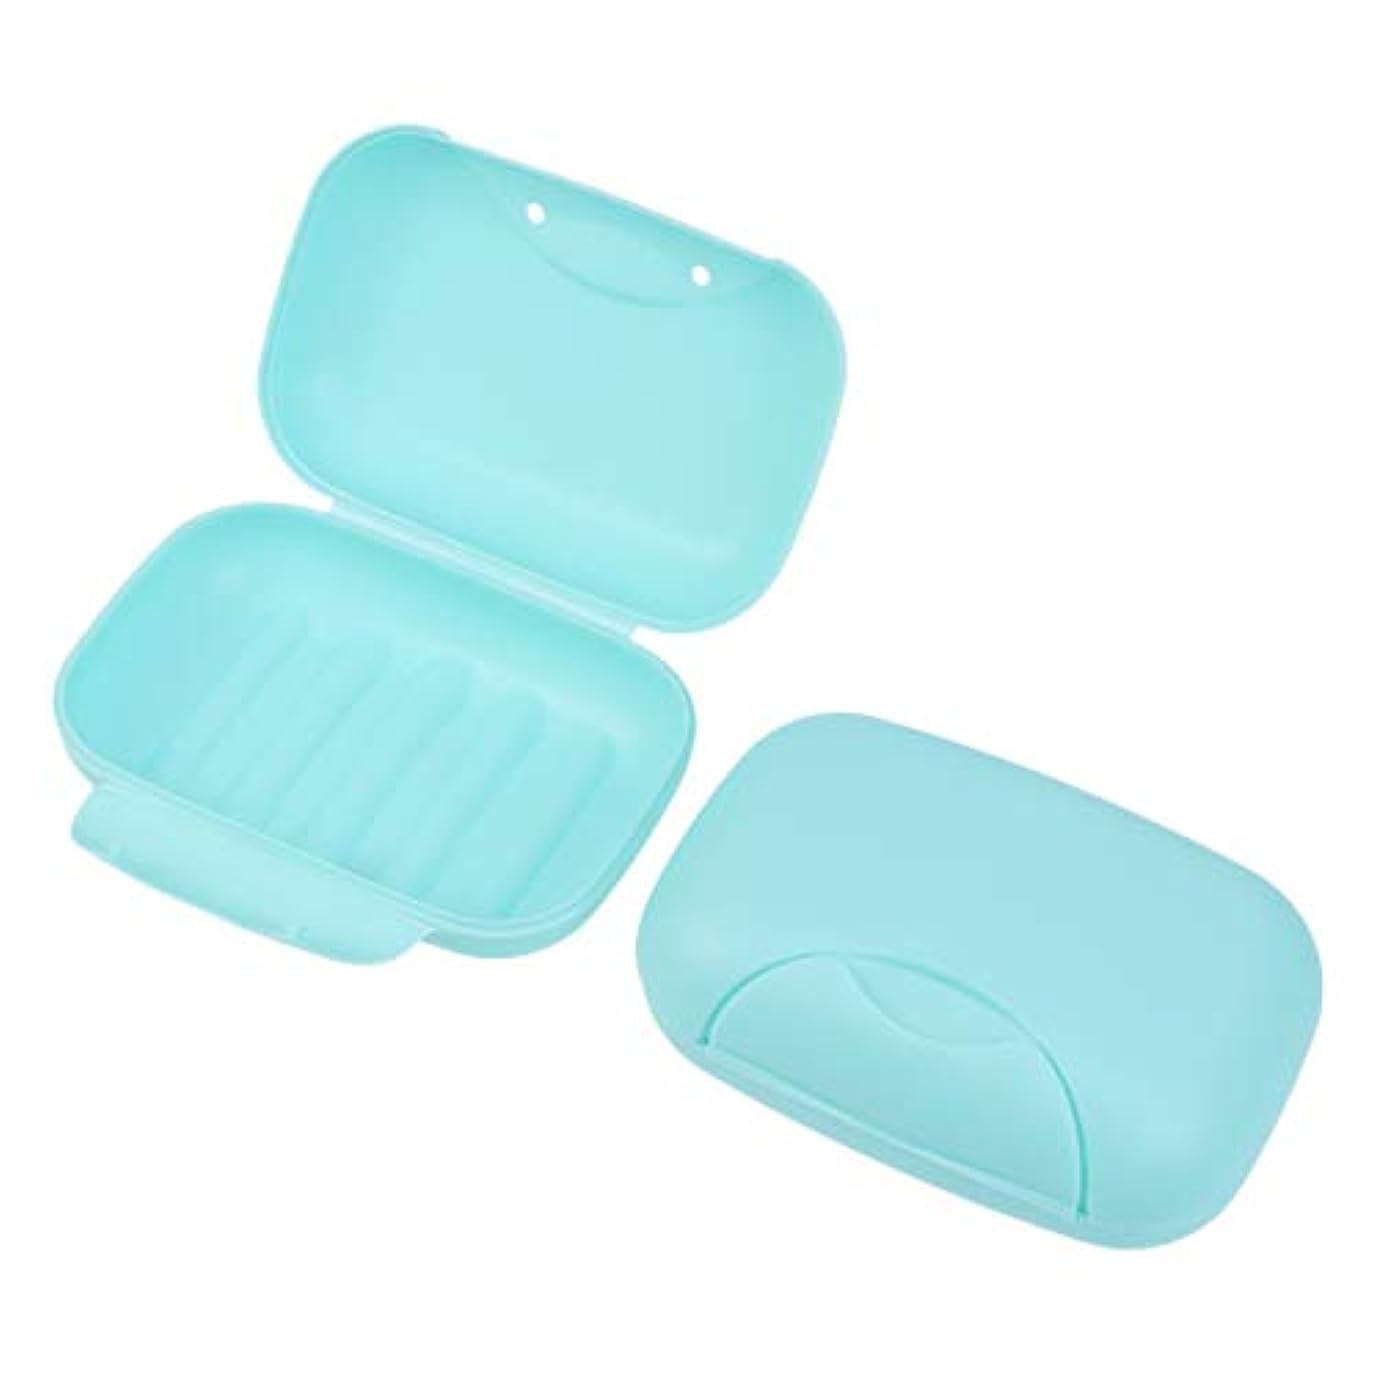 不適当緑勝者Healifty 旅行用ソープボックス防水石鹸皿ソープホルダー2個(青)